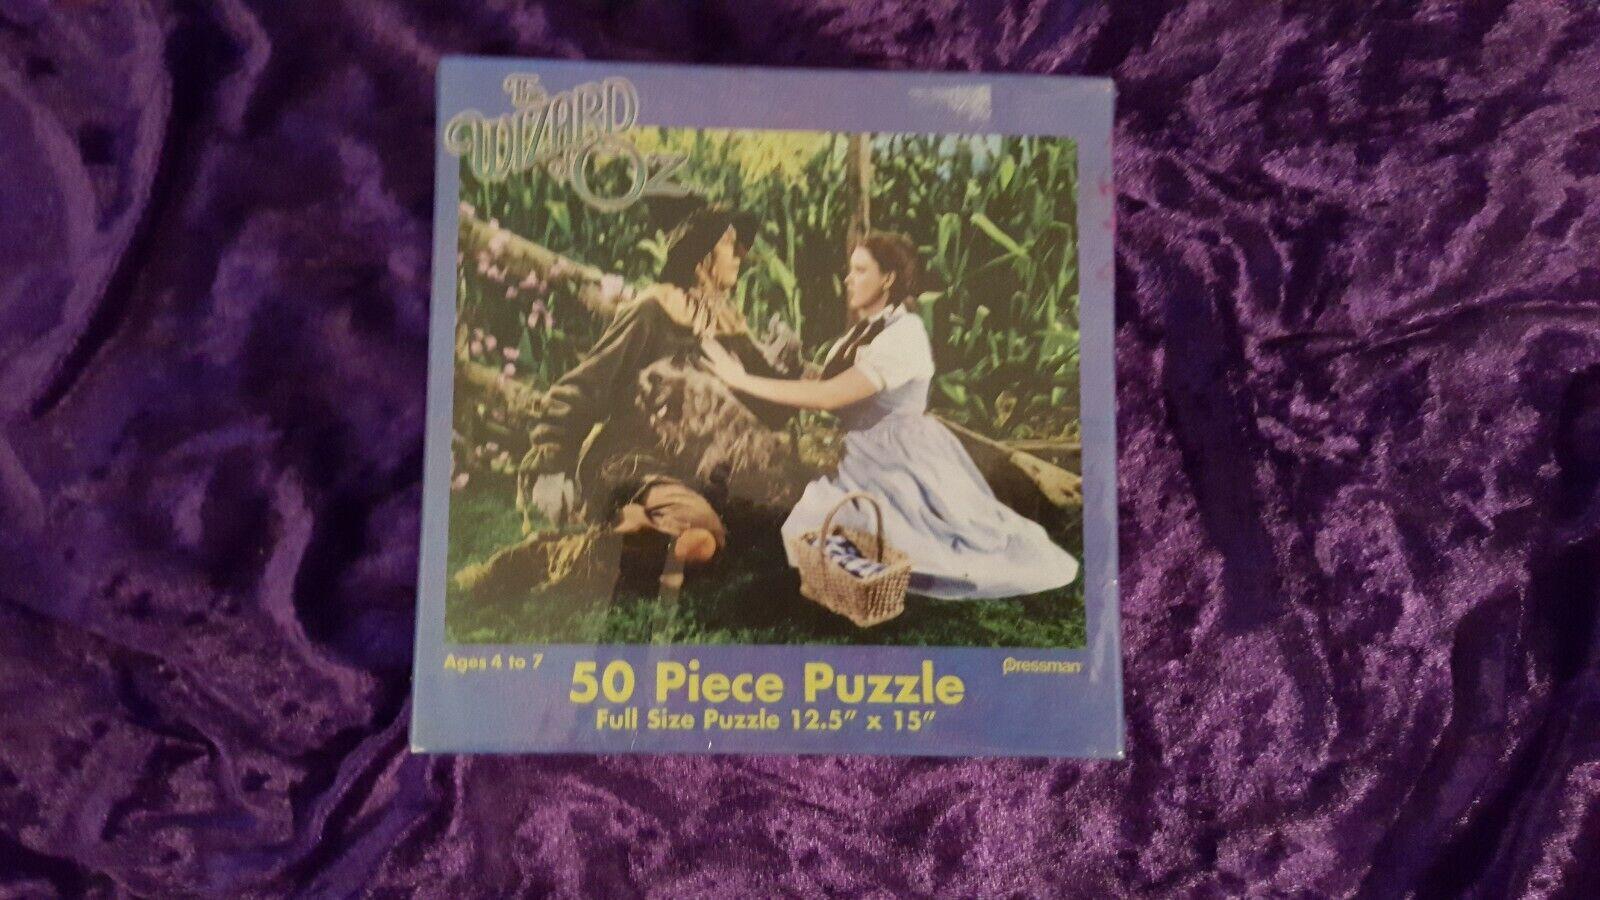 Der zauberer von oz 50 stck puzzle von pressman jigsaw - dGoldthy und die vogelscheuche